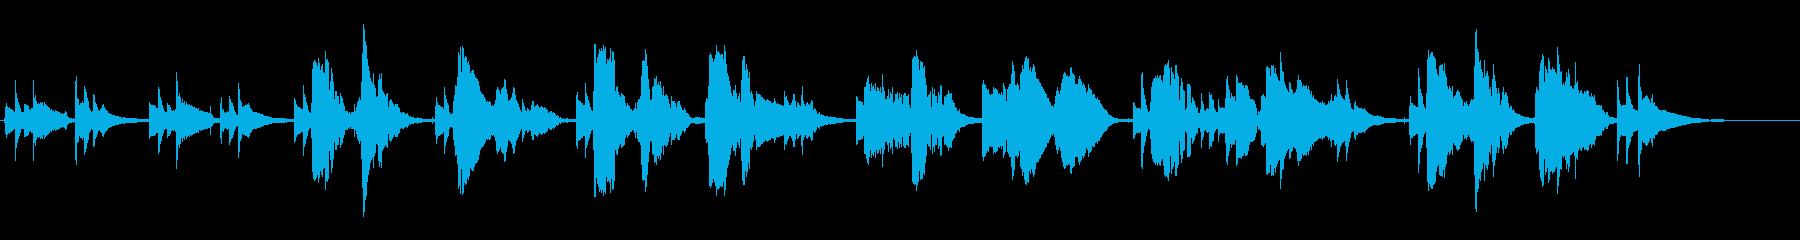 サックスとギターでの切ない曲です。の再生済みの波形